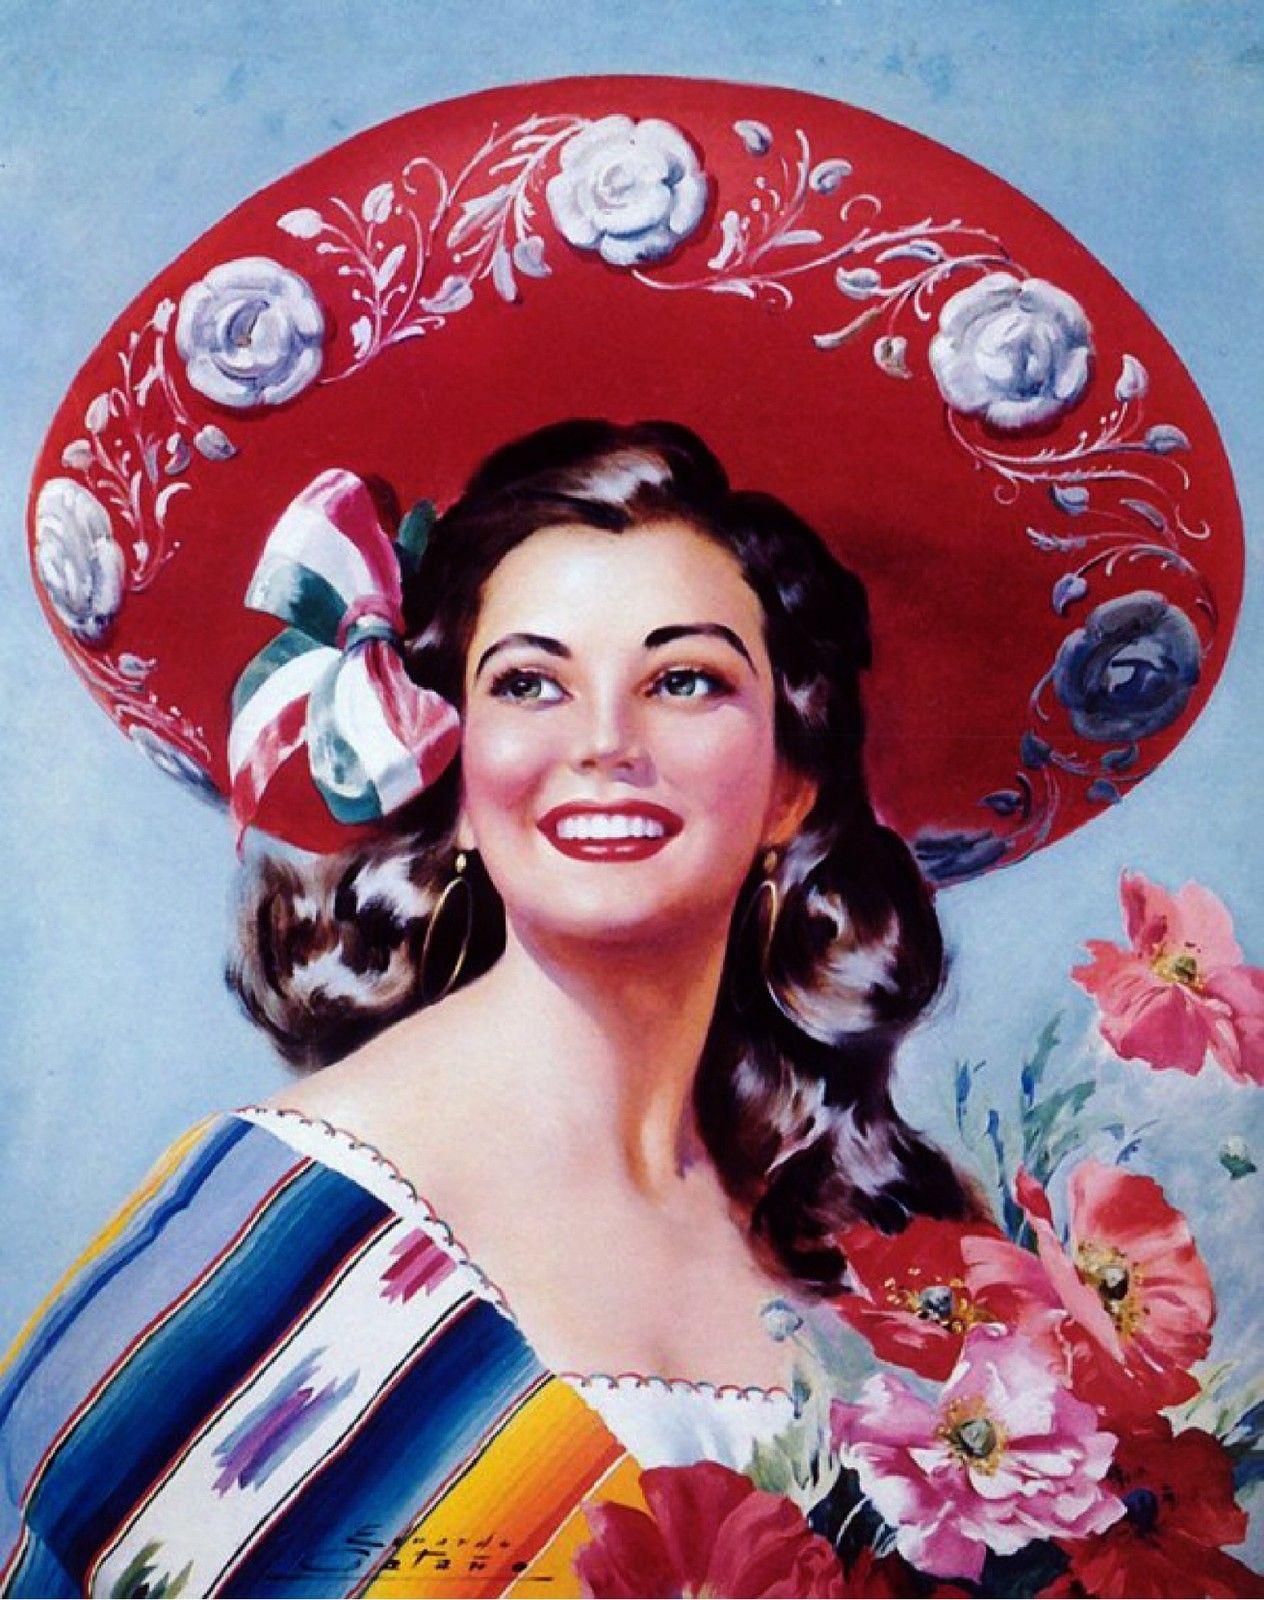 US SELLER-Jesus Helguera  senorita Mexican art poster room wall decor